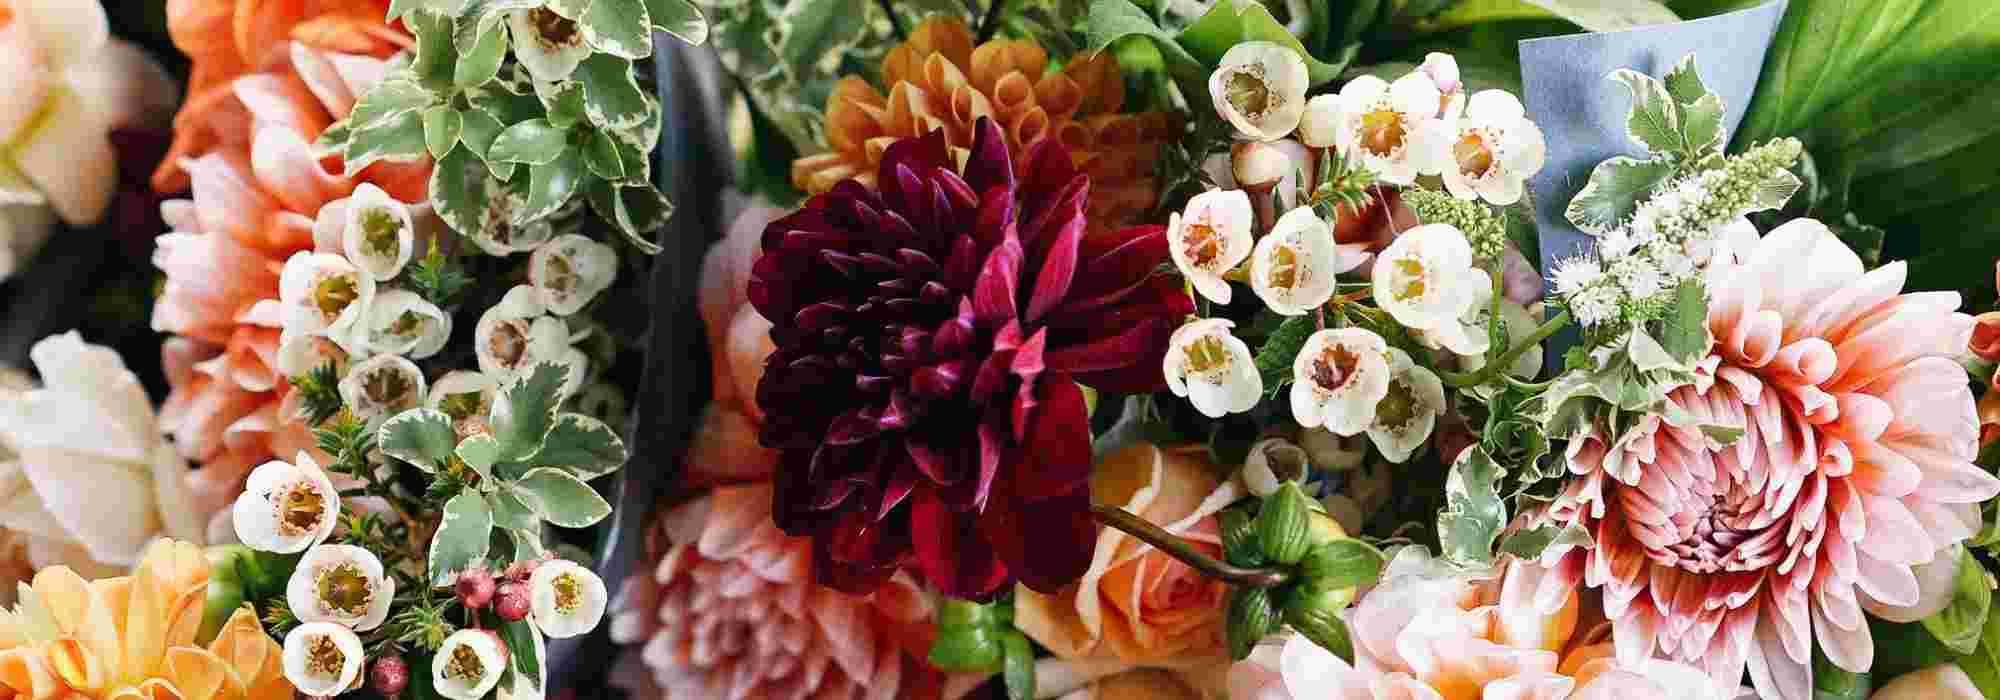 Créer un jardin de fleurs à couper pour faire des bouquets ...